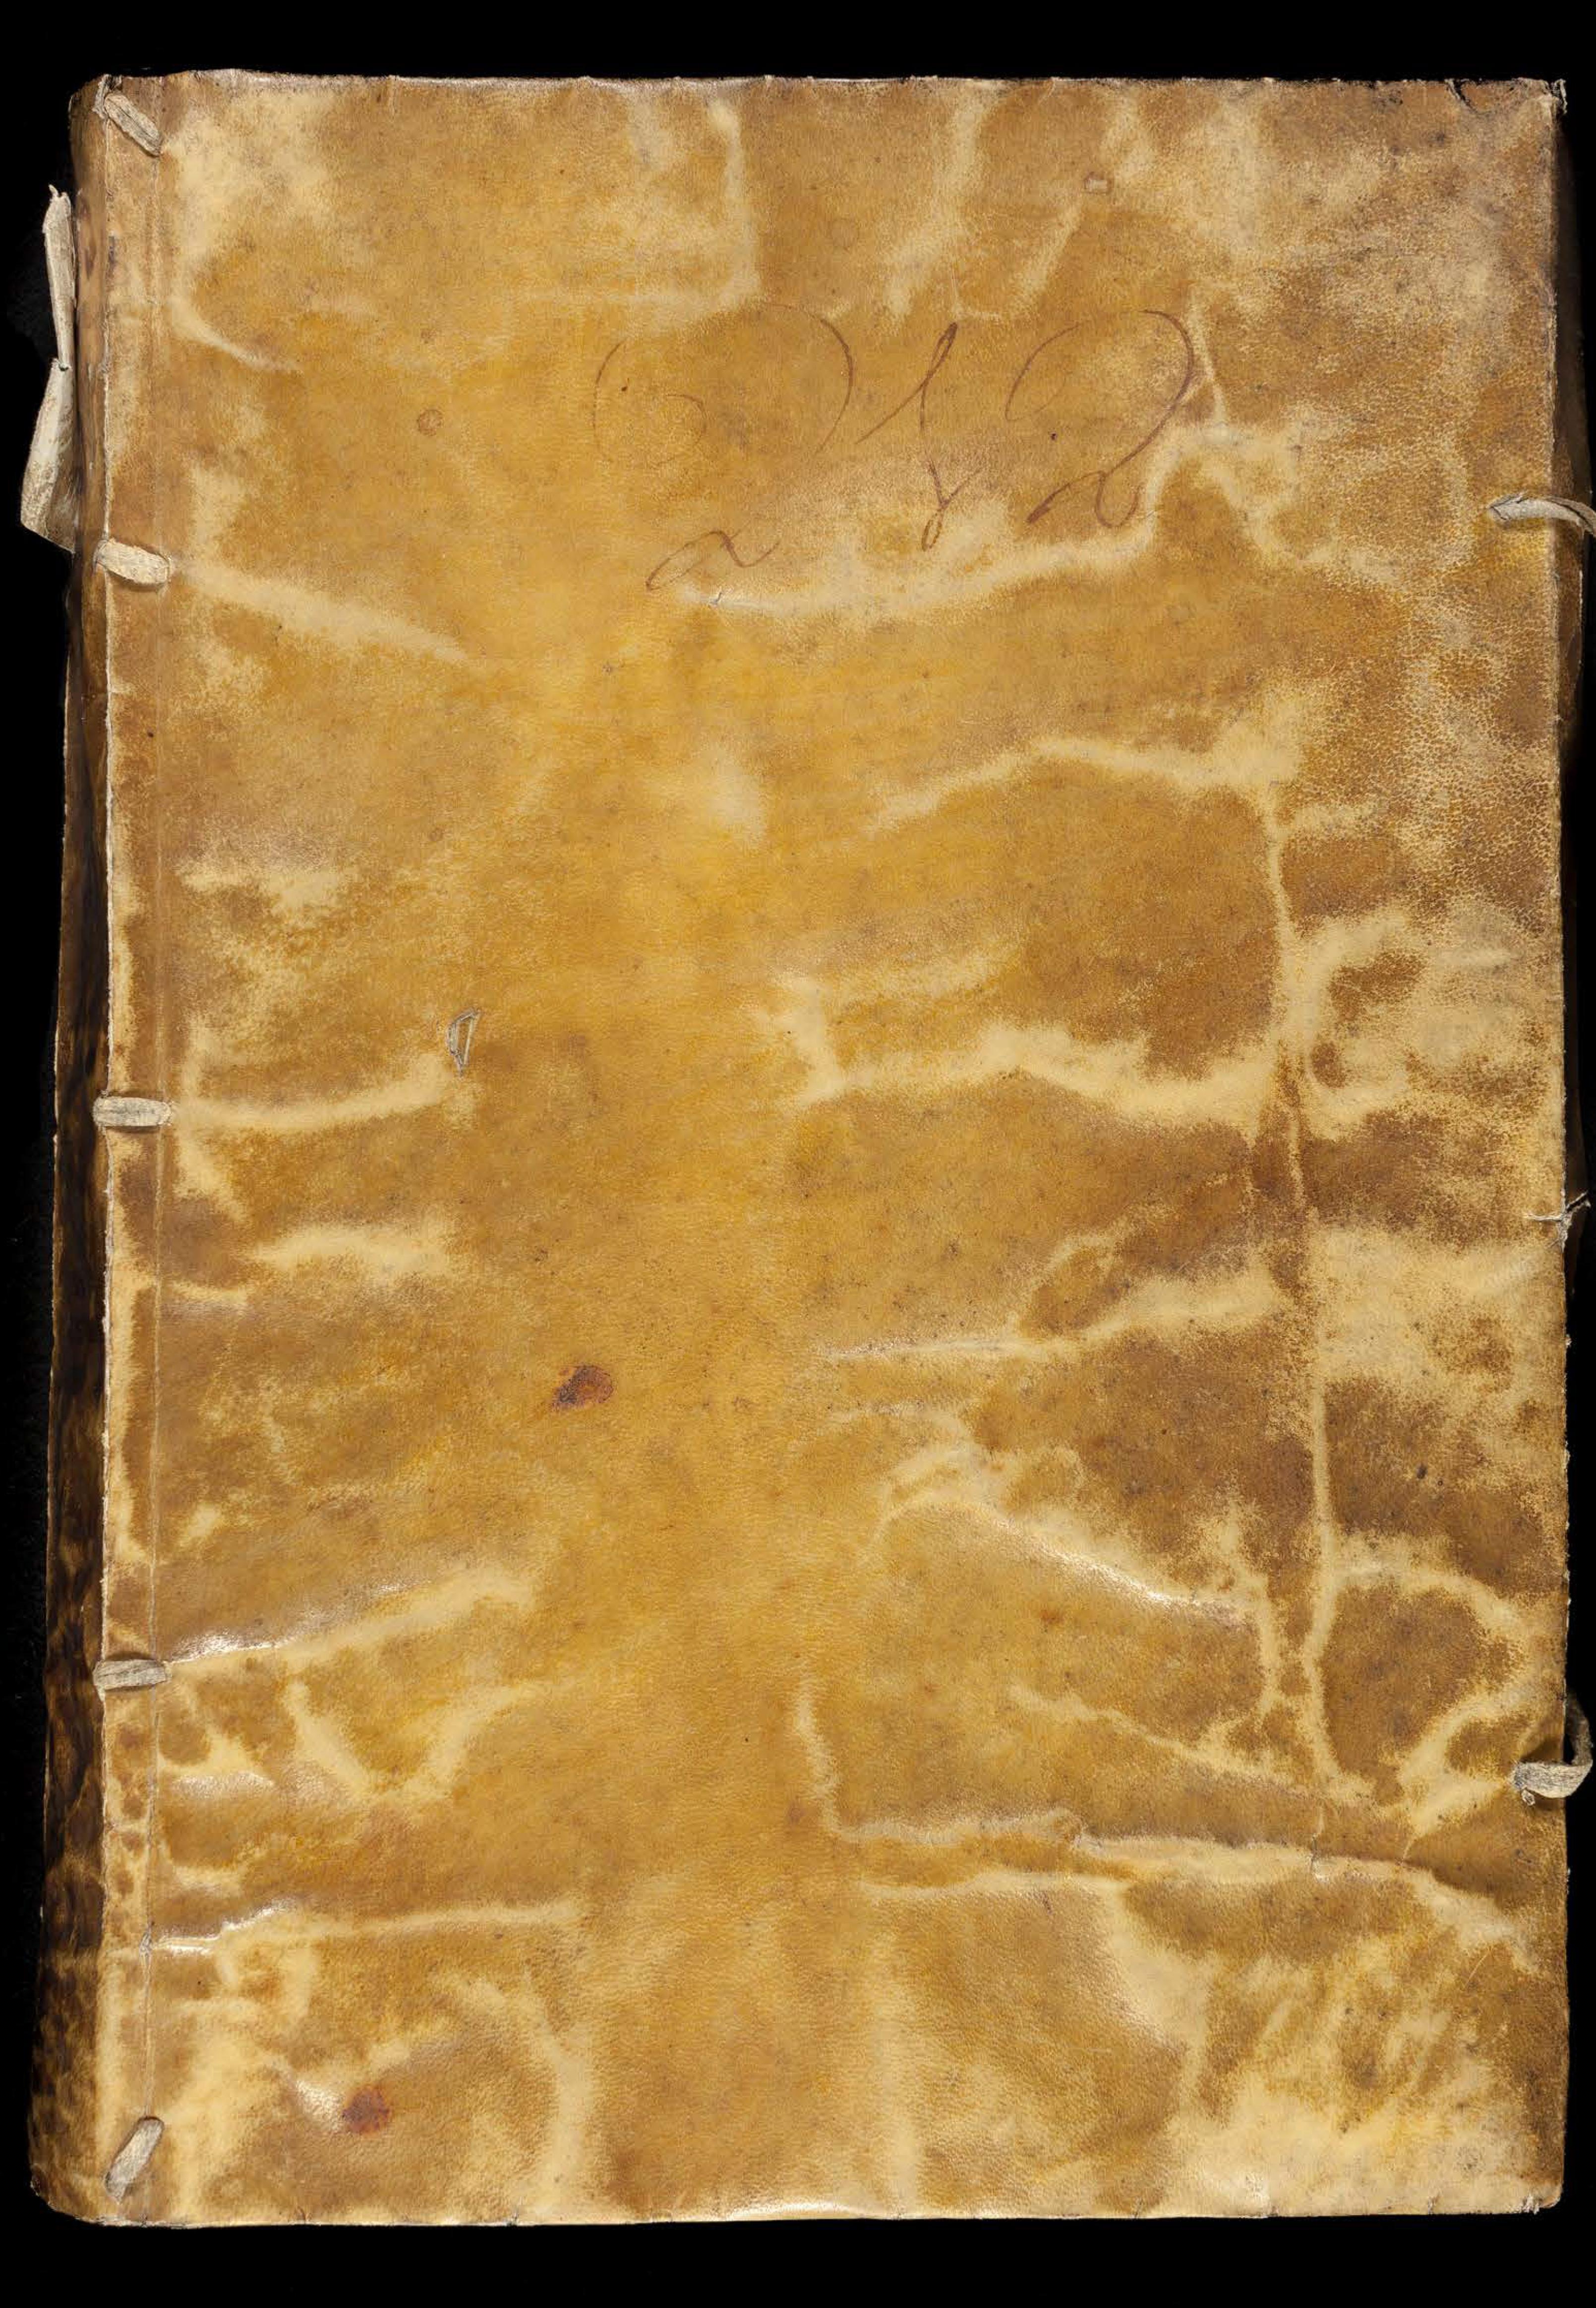 Códice Chimalpahin y obras históricas de Fernando de Alva Ixtlilxóchitl